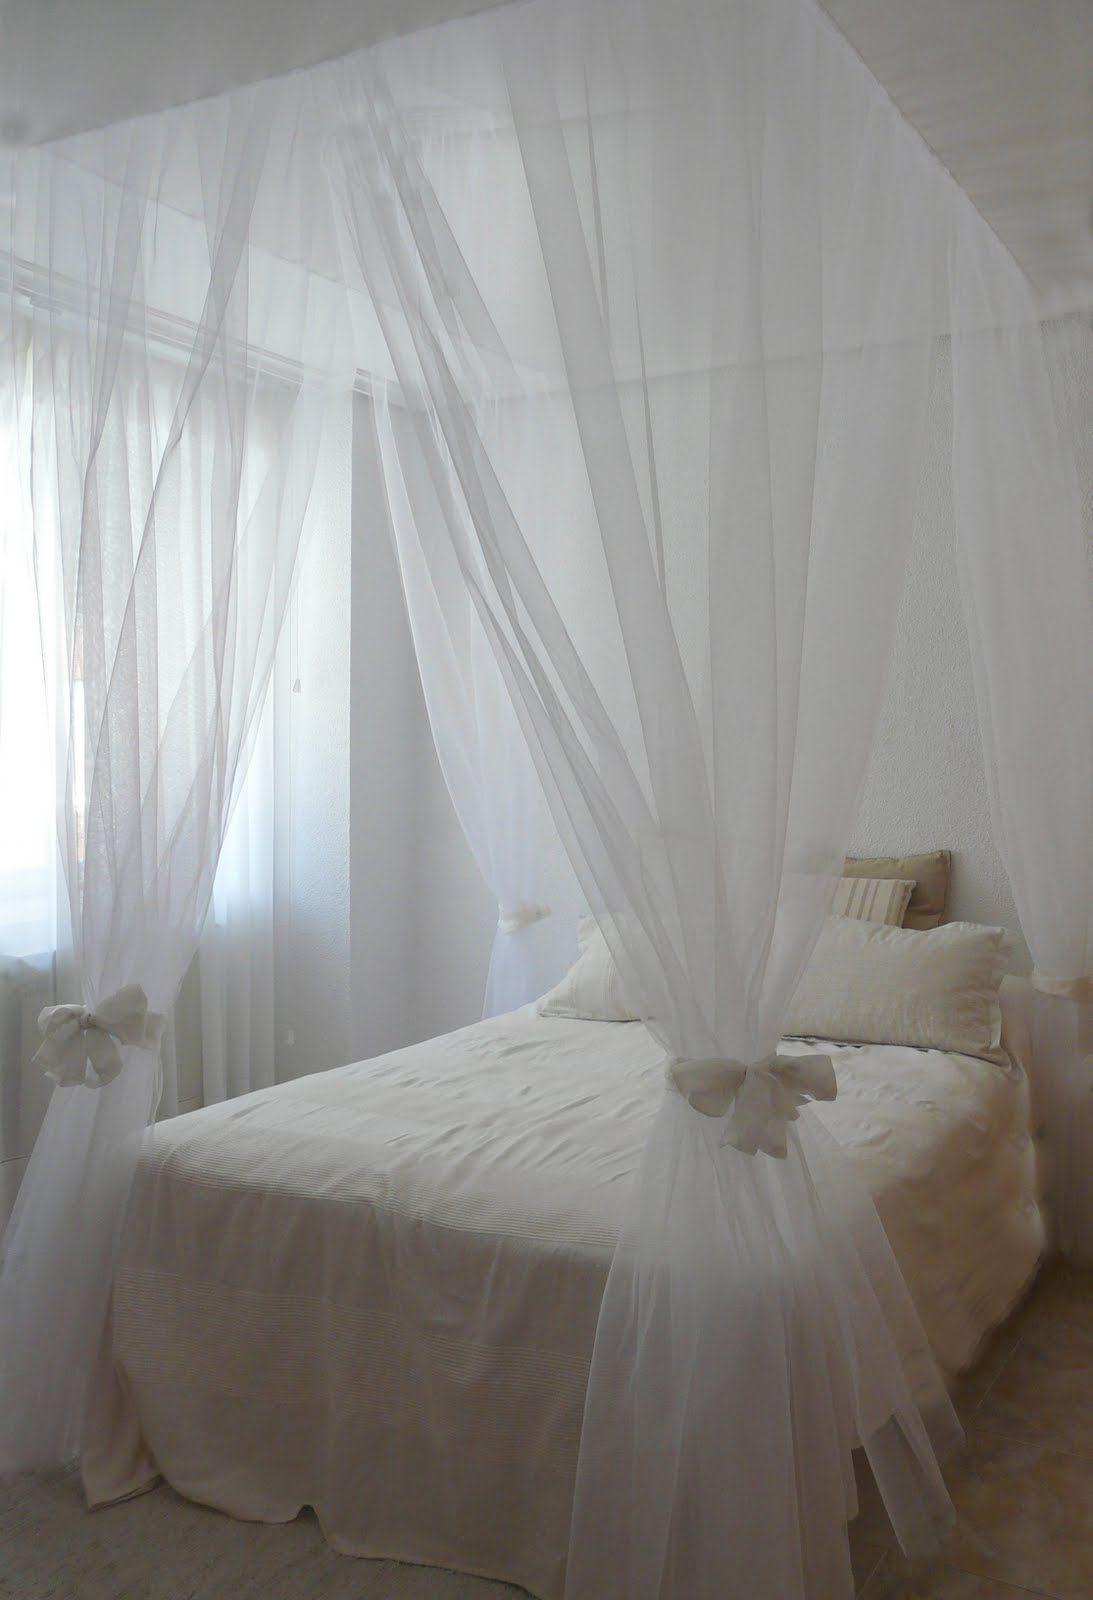 Trazoatrazo cama dosel dosel pinterest camas camas - Mosquiteras para camas ...